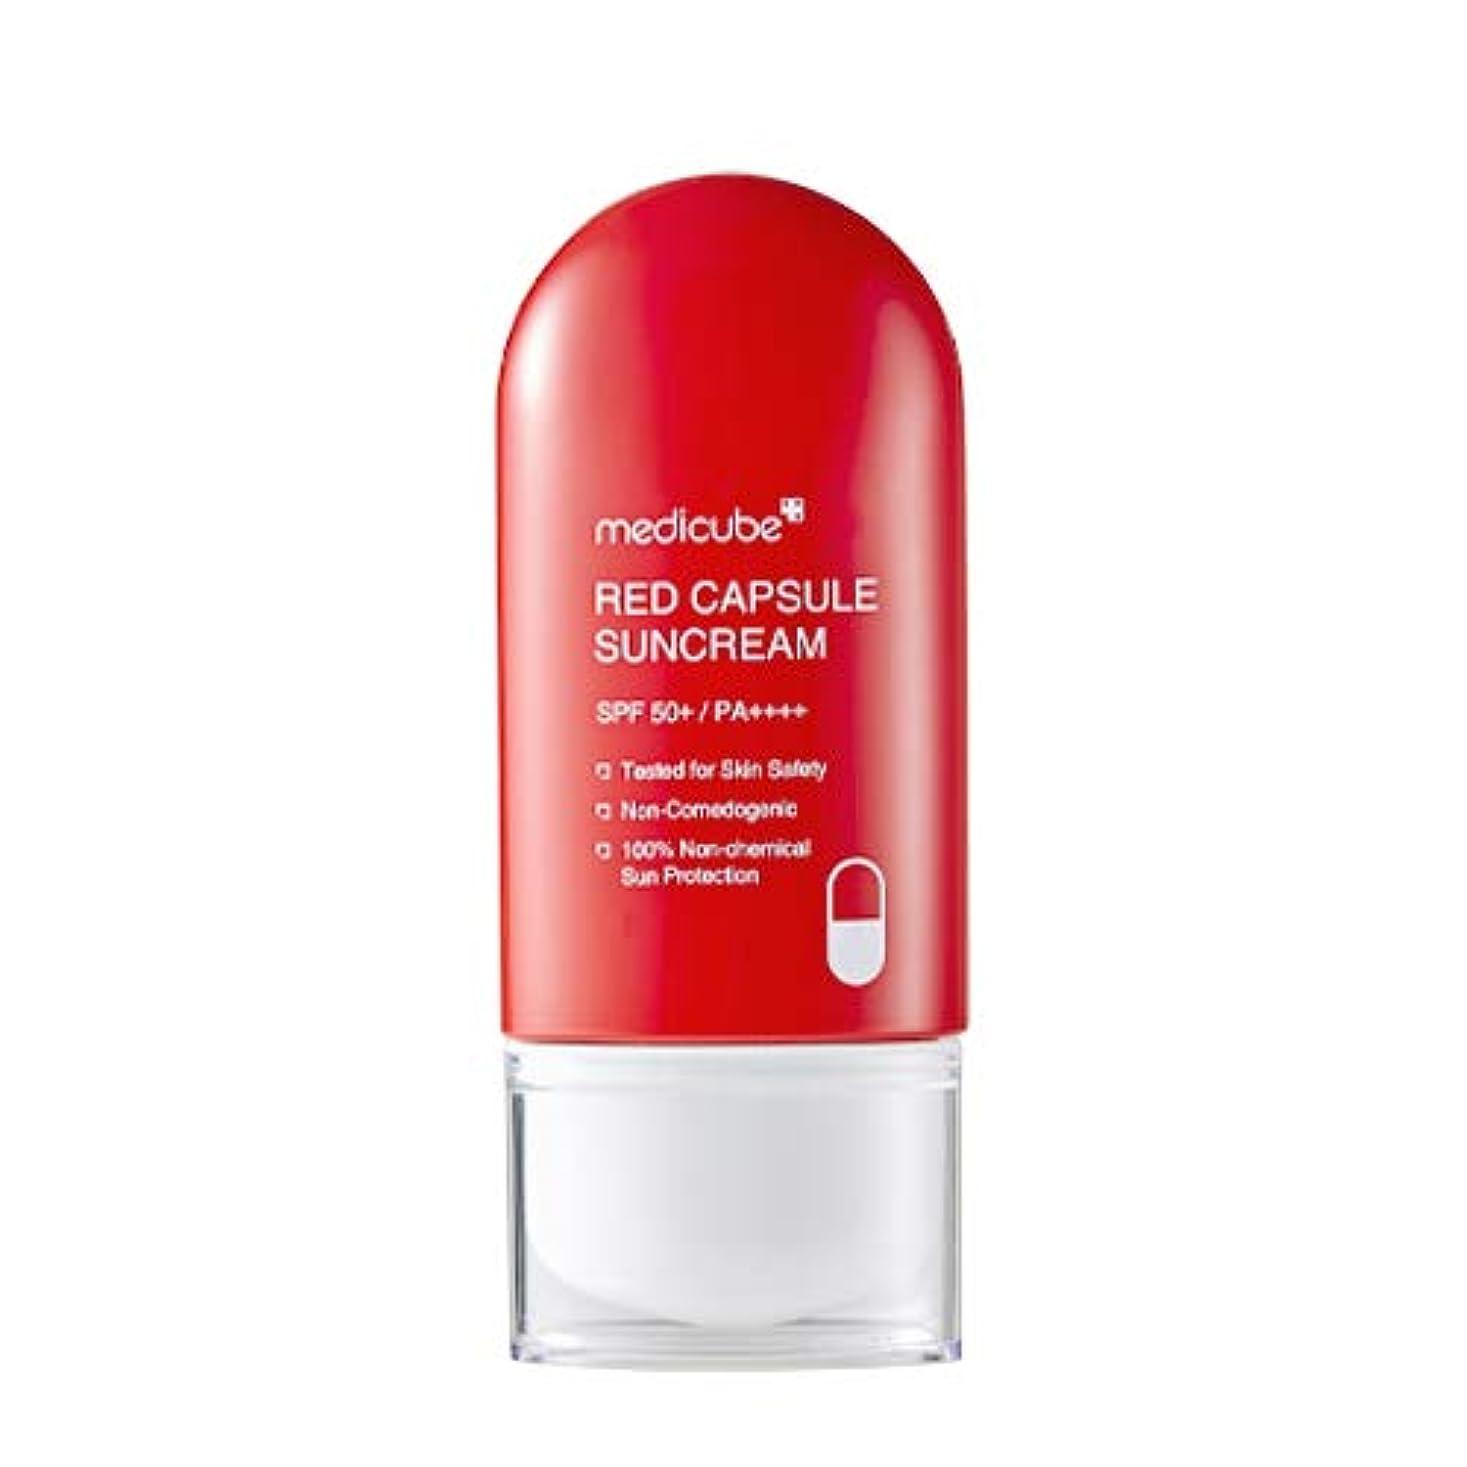 チューインガムフレームワーク変換メディキューブ日本公式(medicube) レッドカプセルサンクリーム MEDICUBE RED CAPSULE SUNCREAM 30g